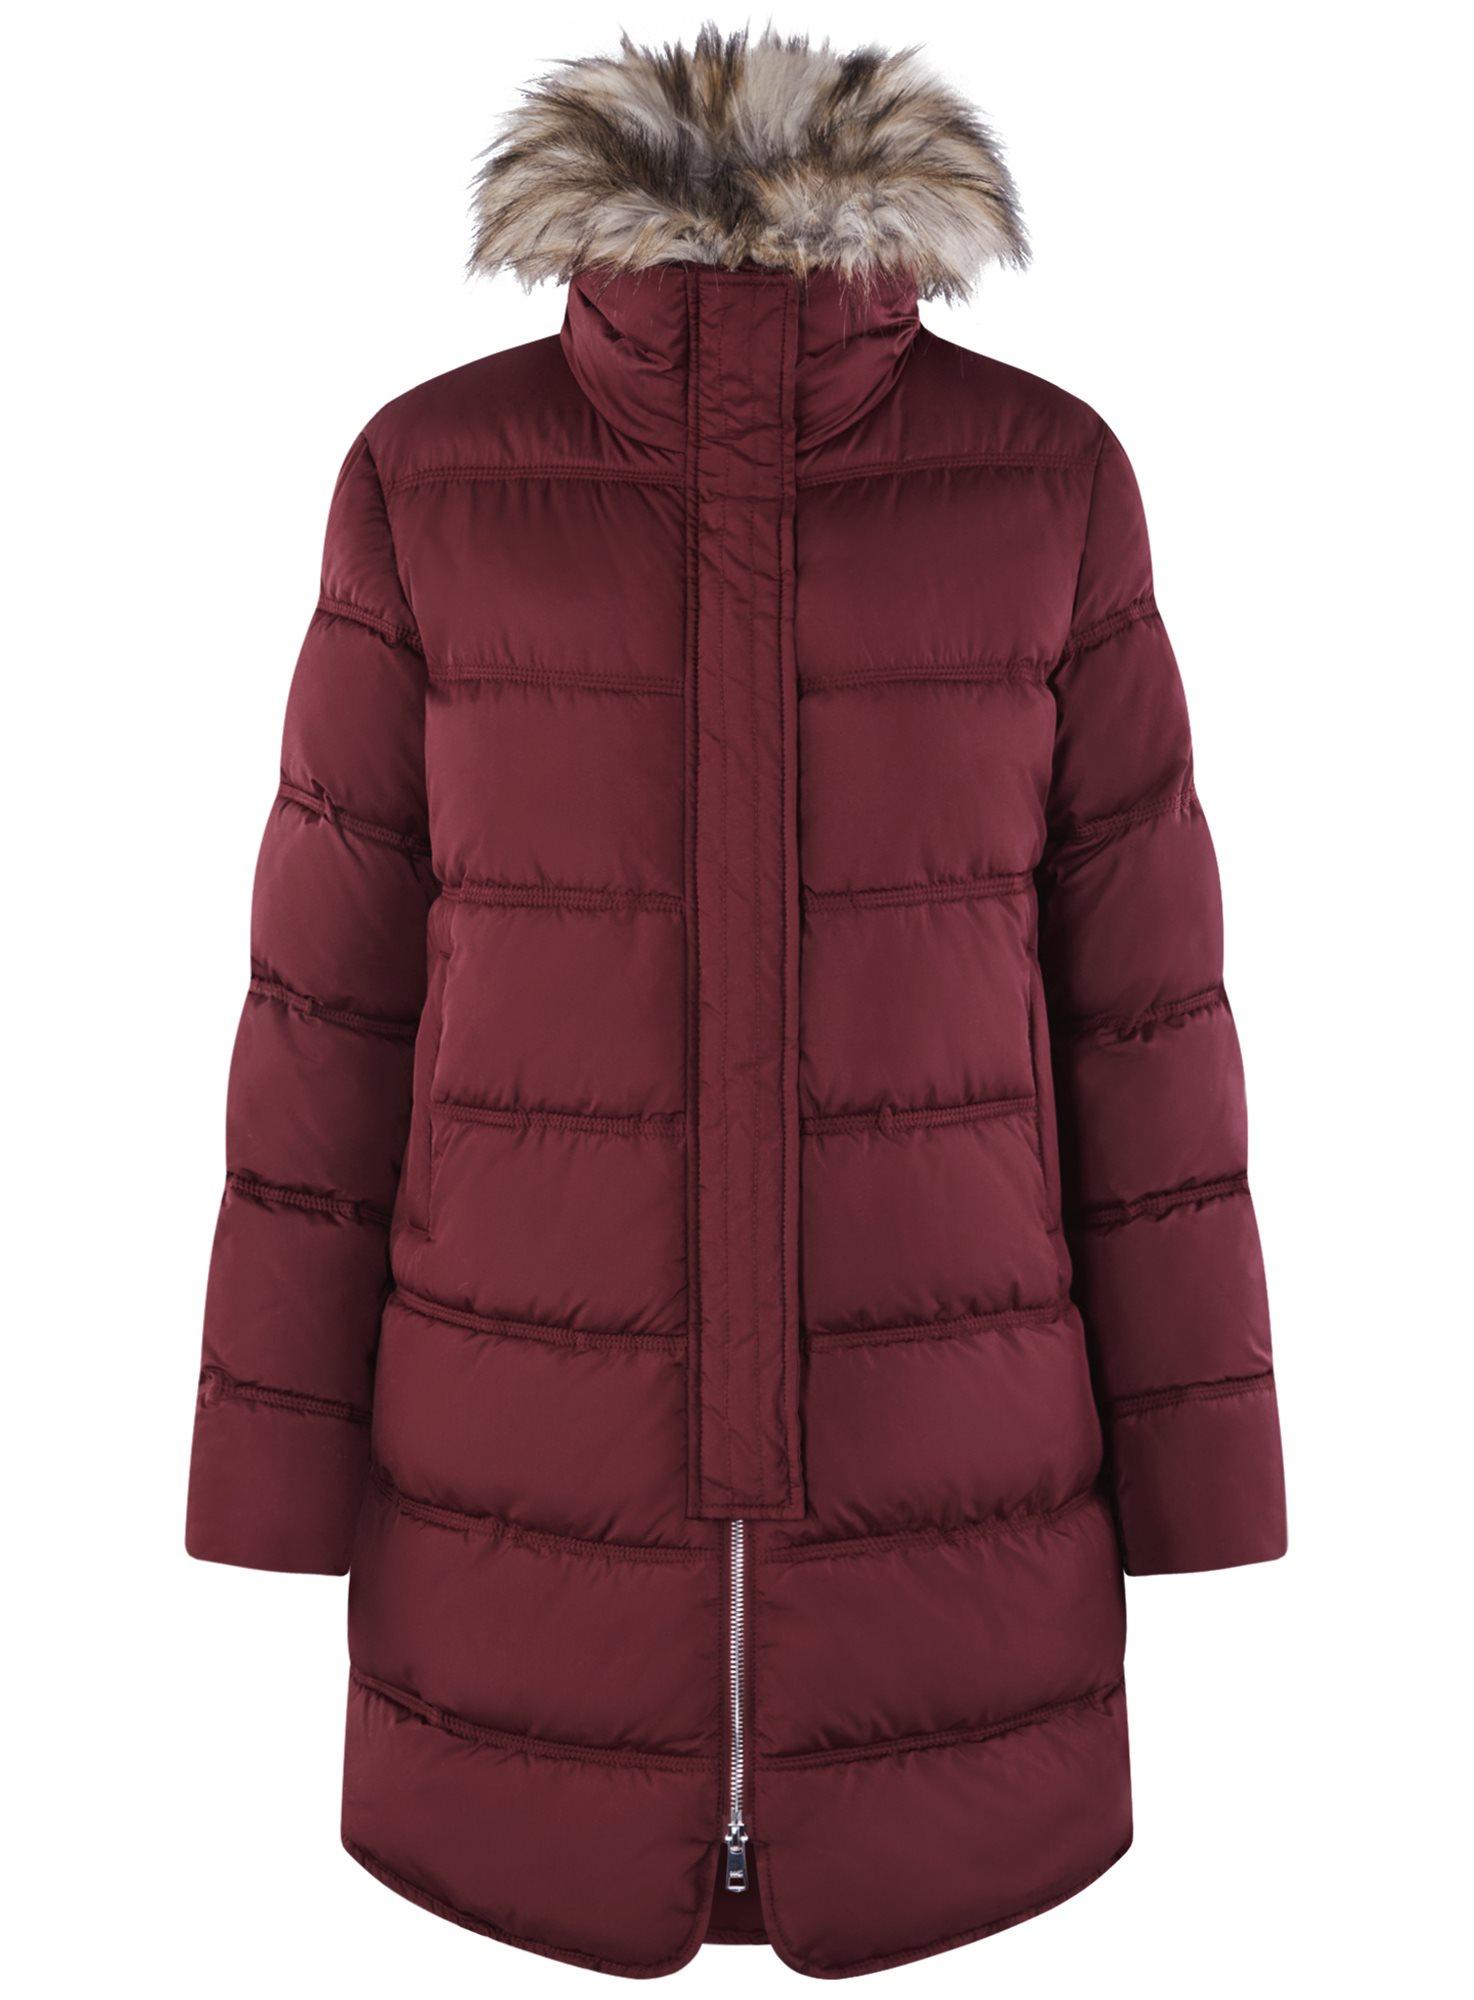 Куртка удлиненная с искусственным мехом на воротнике oodji для женщины (красный), 10203059-1/32754/4905N